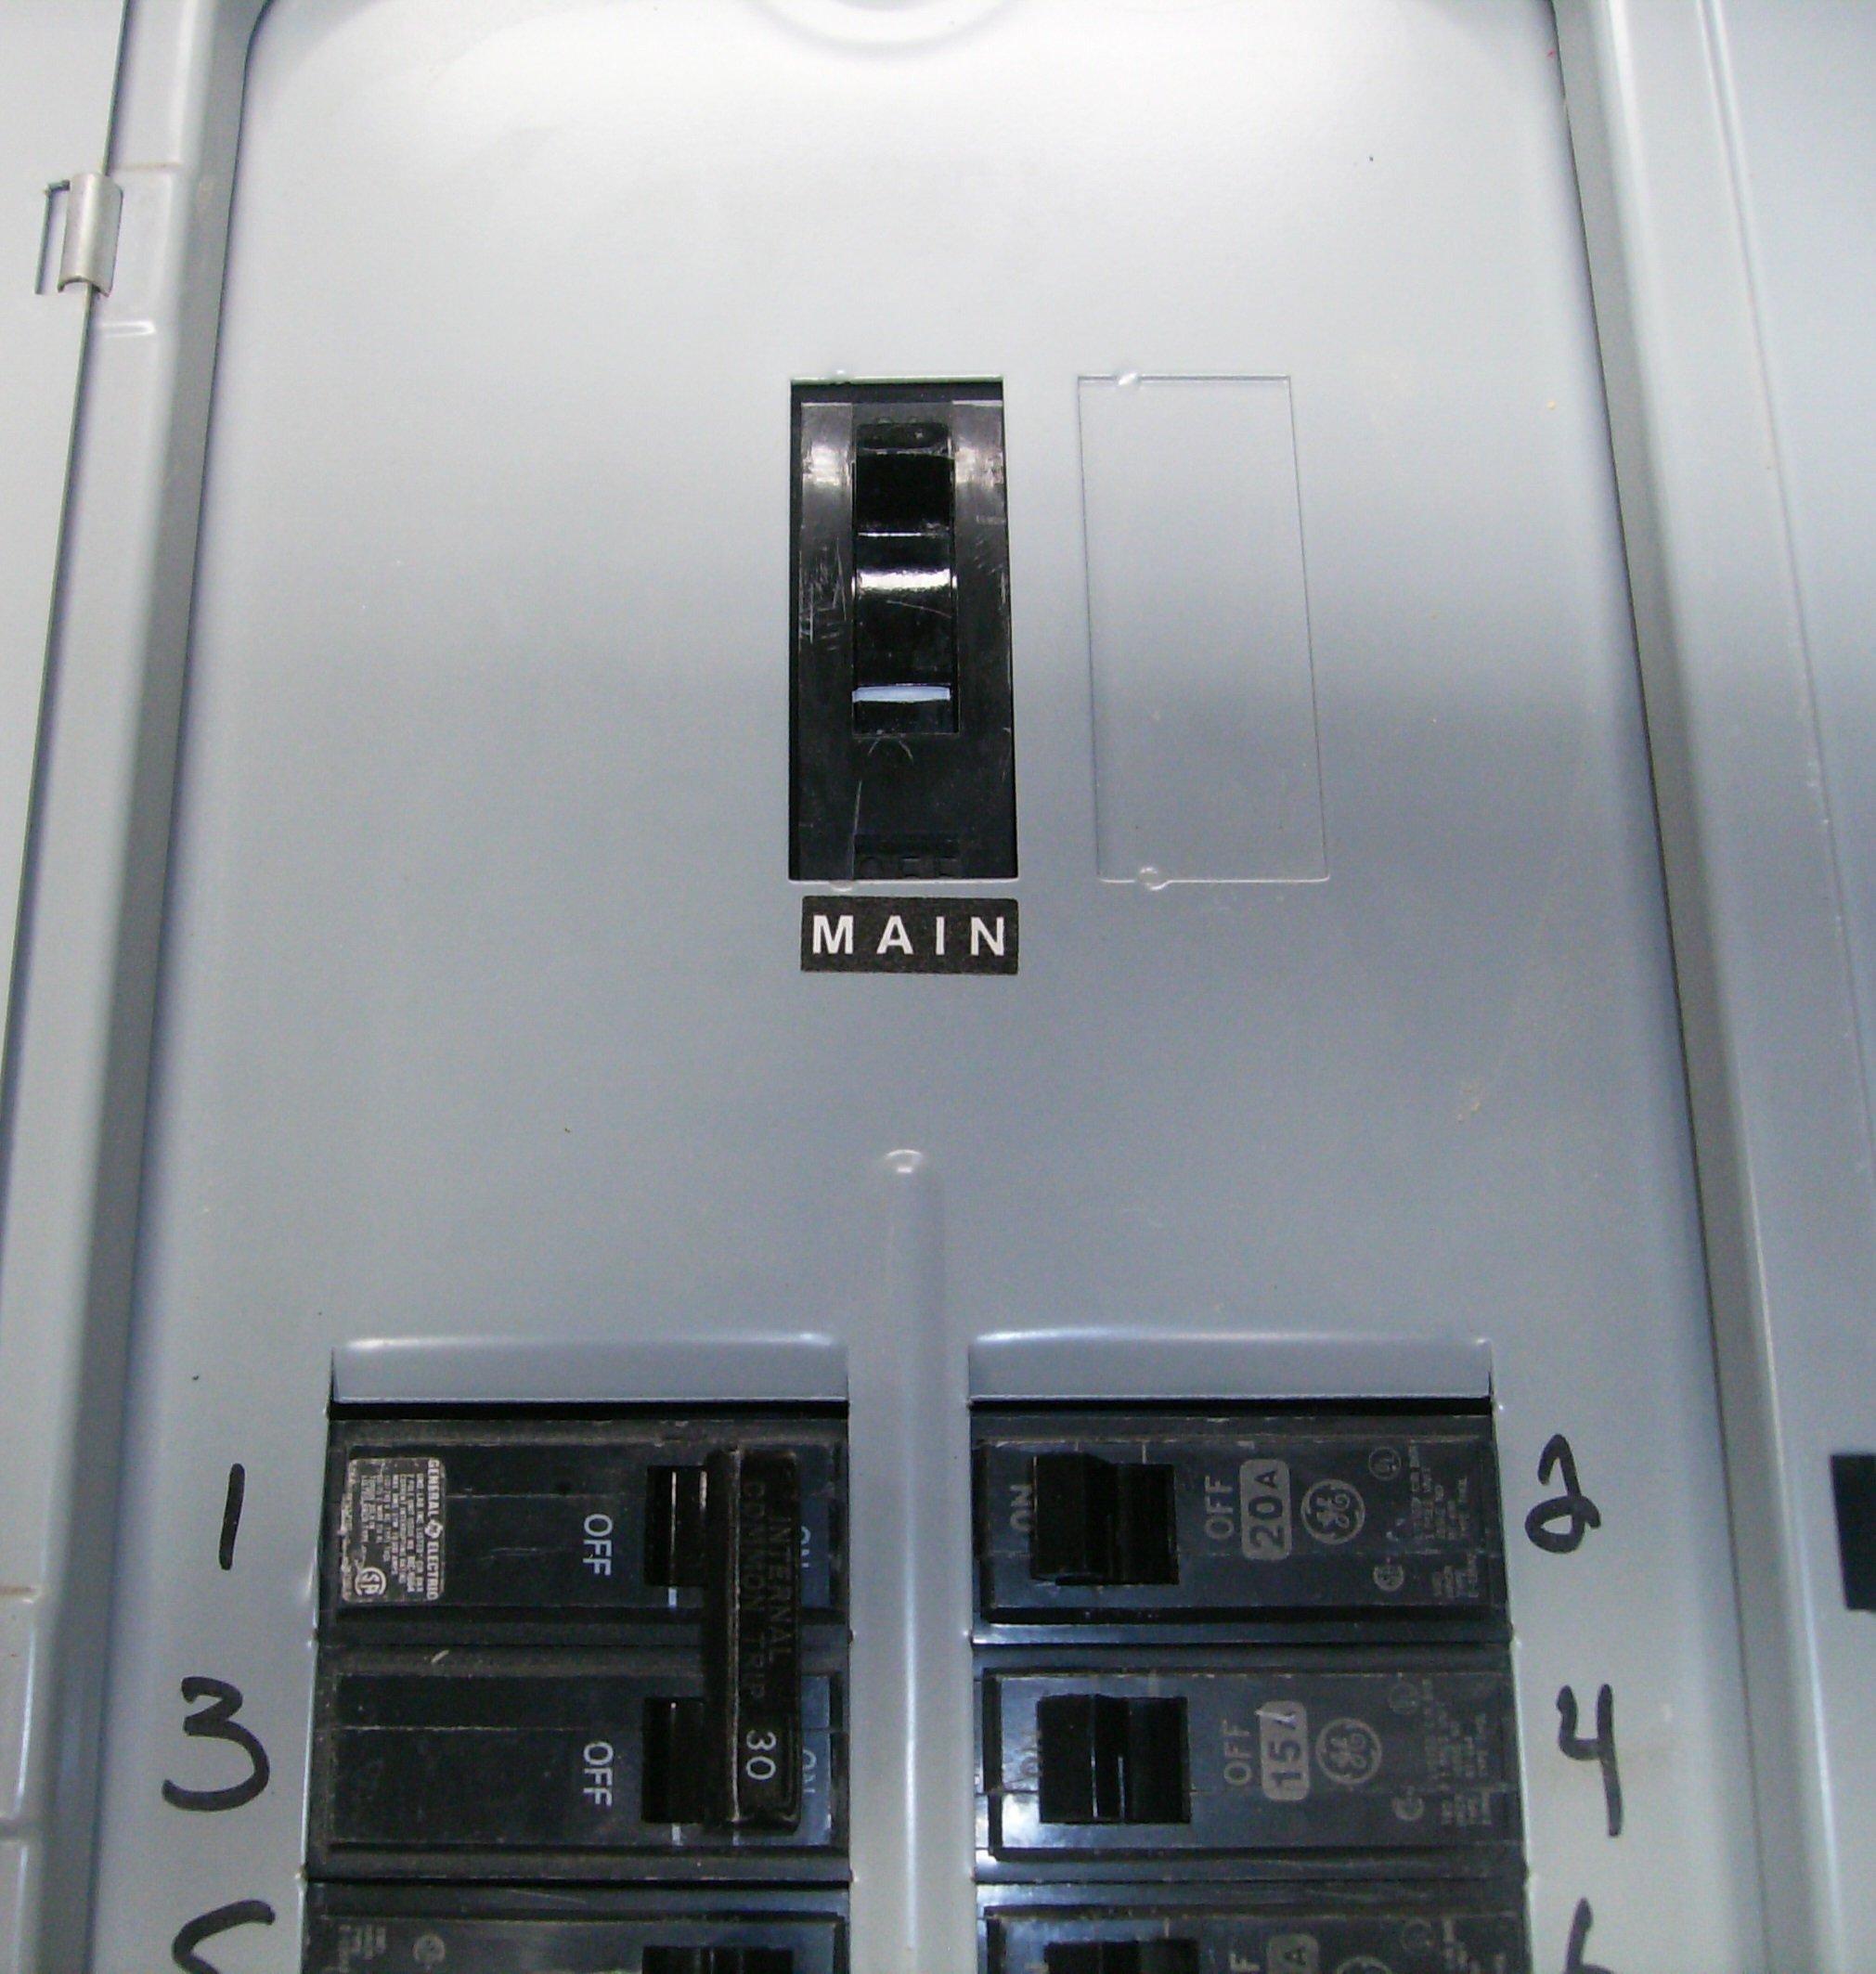 GE-200VL GE General Electric Generator Interlock Kit for Vertical Main 150 or 200 amp breaker by Geninterlock.com (Image #2)